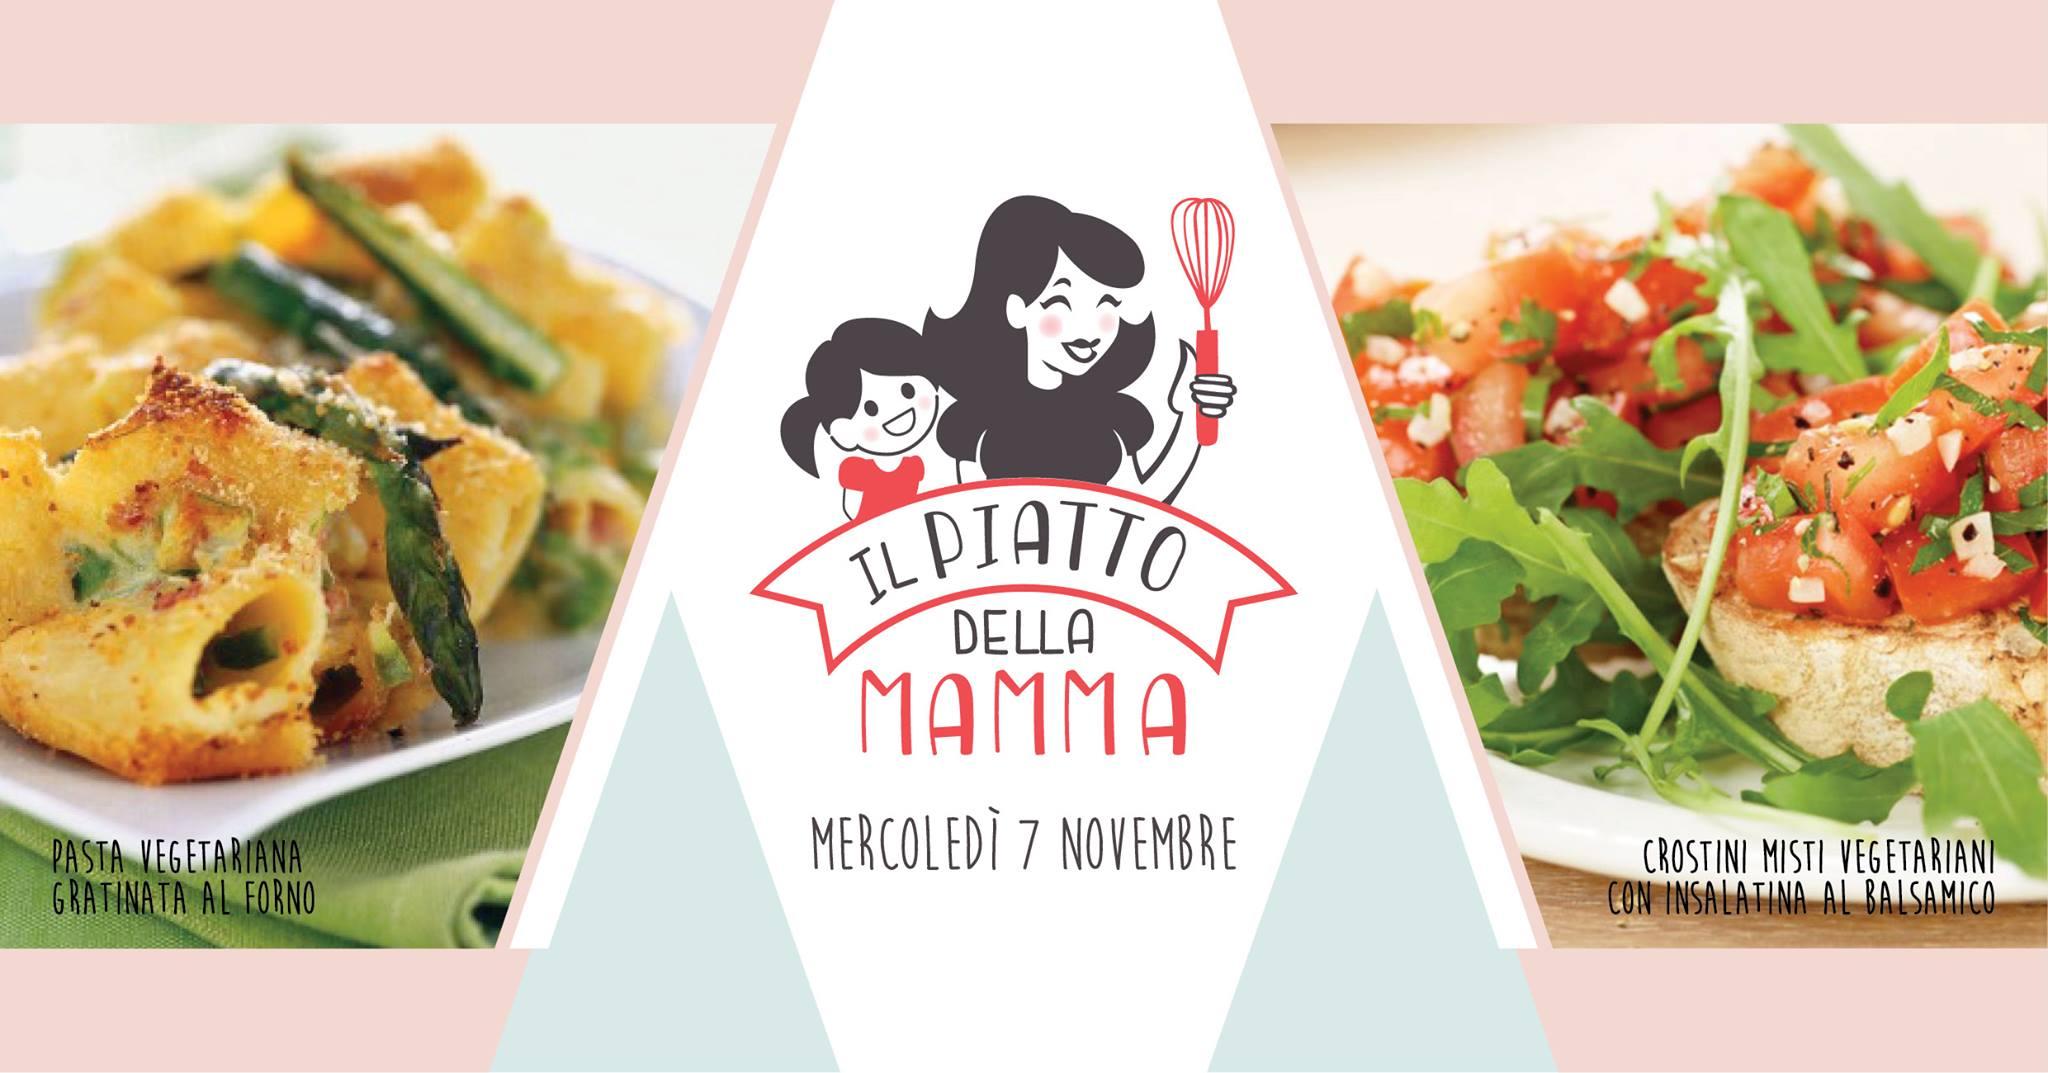 Il Piatto della Mamma // at Magazzino Parallelo